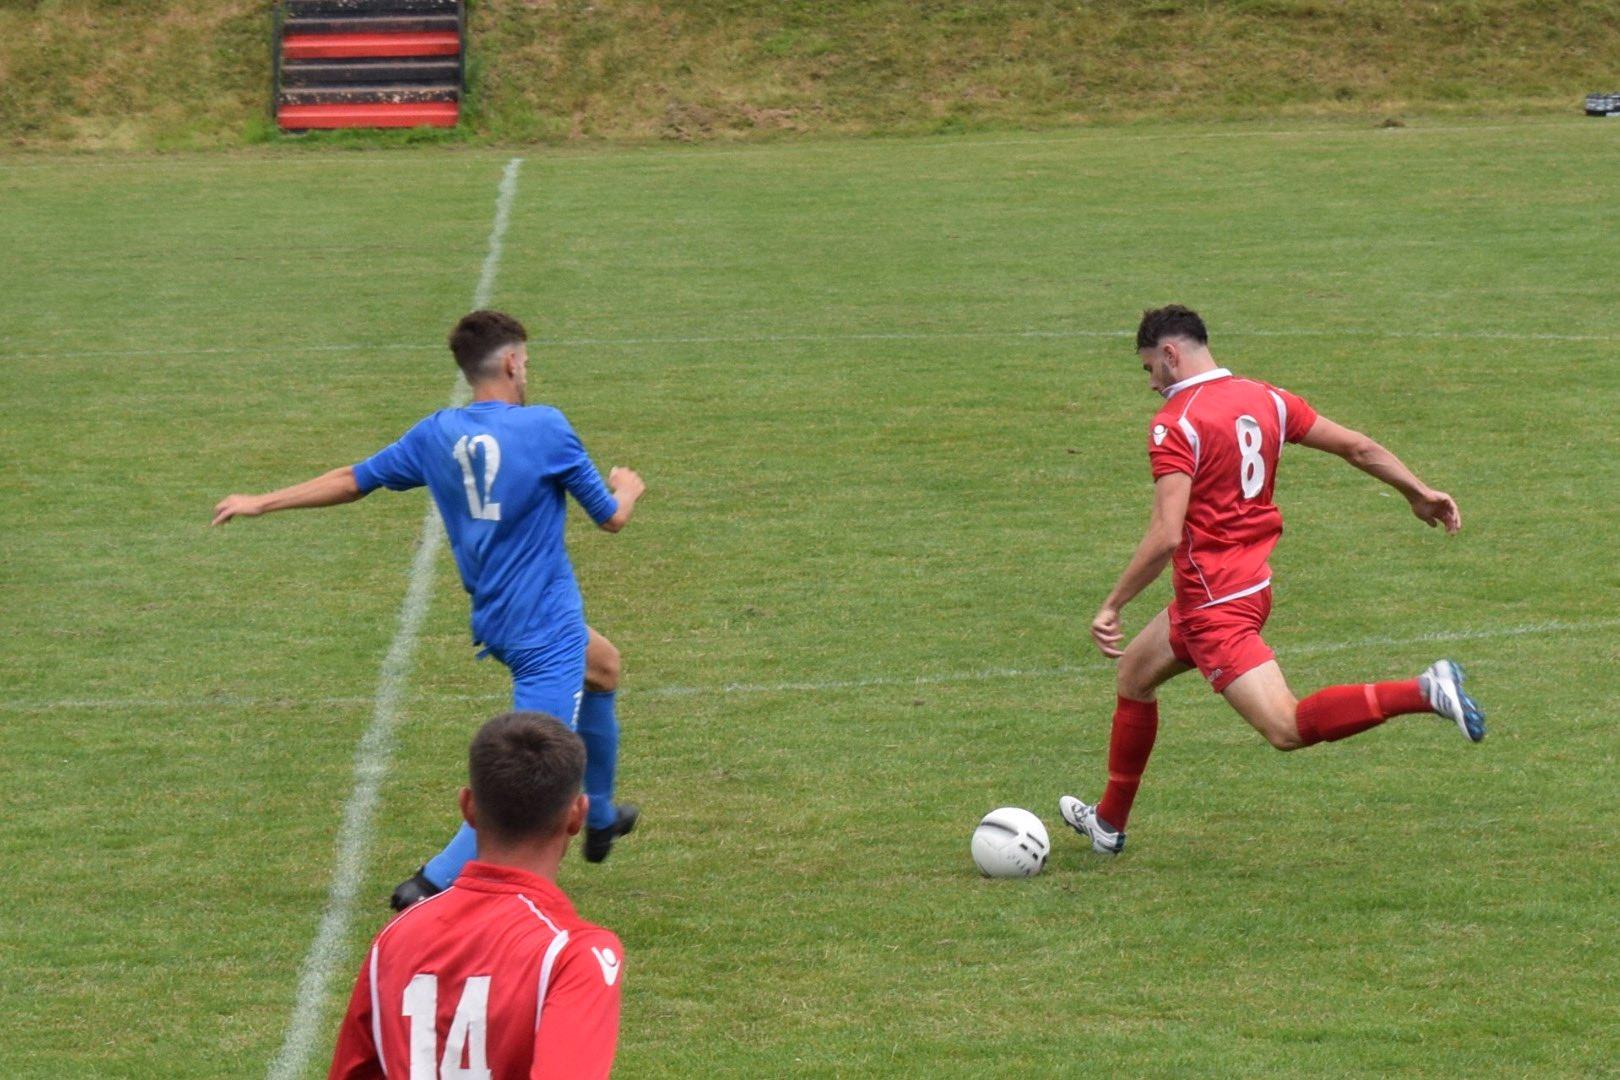 Wadebridge 1st v St Cleer